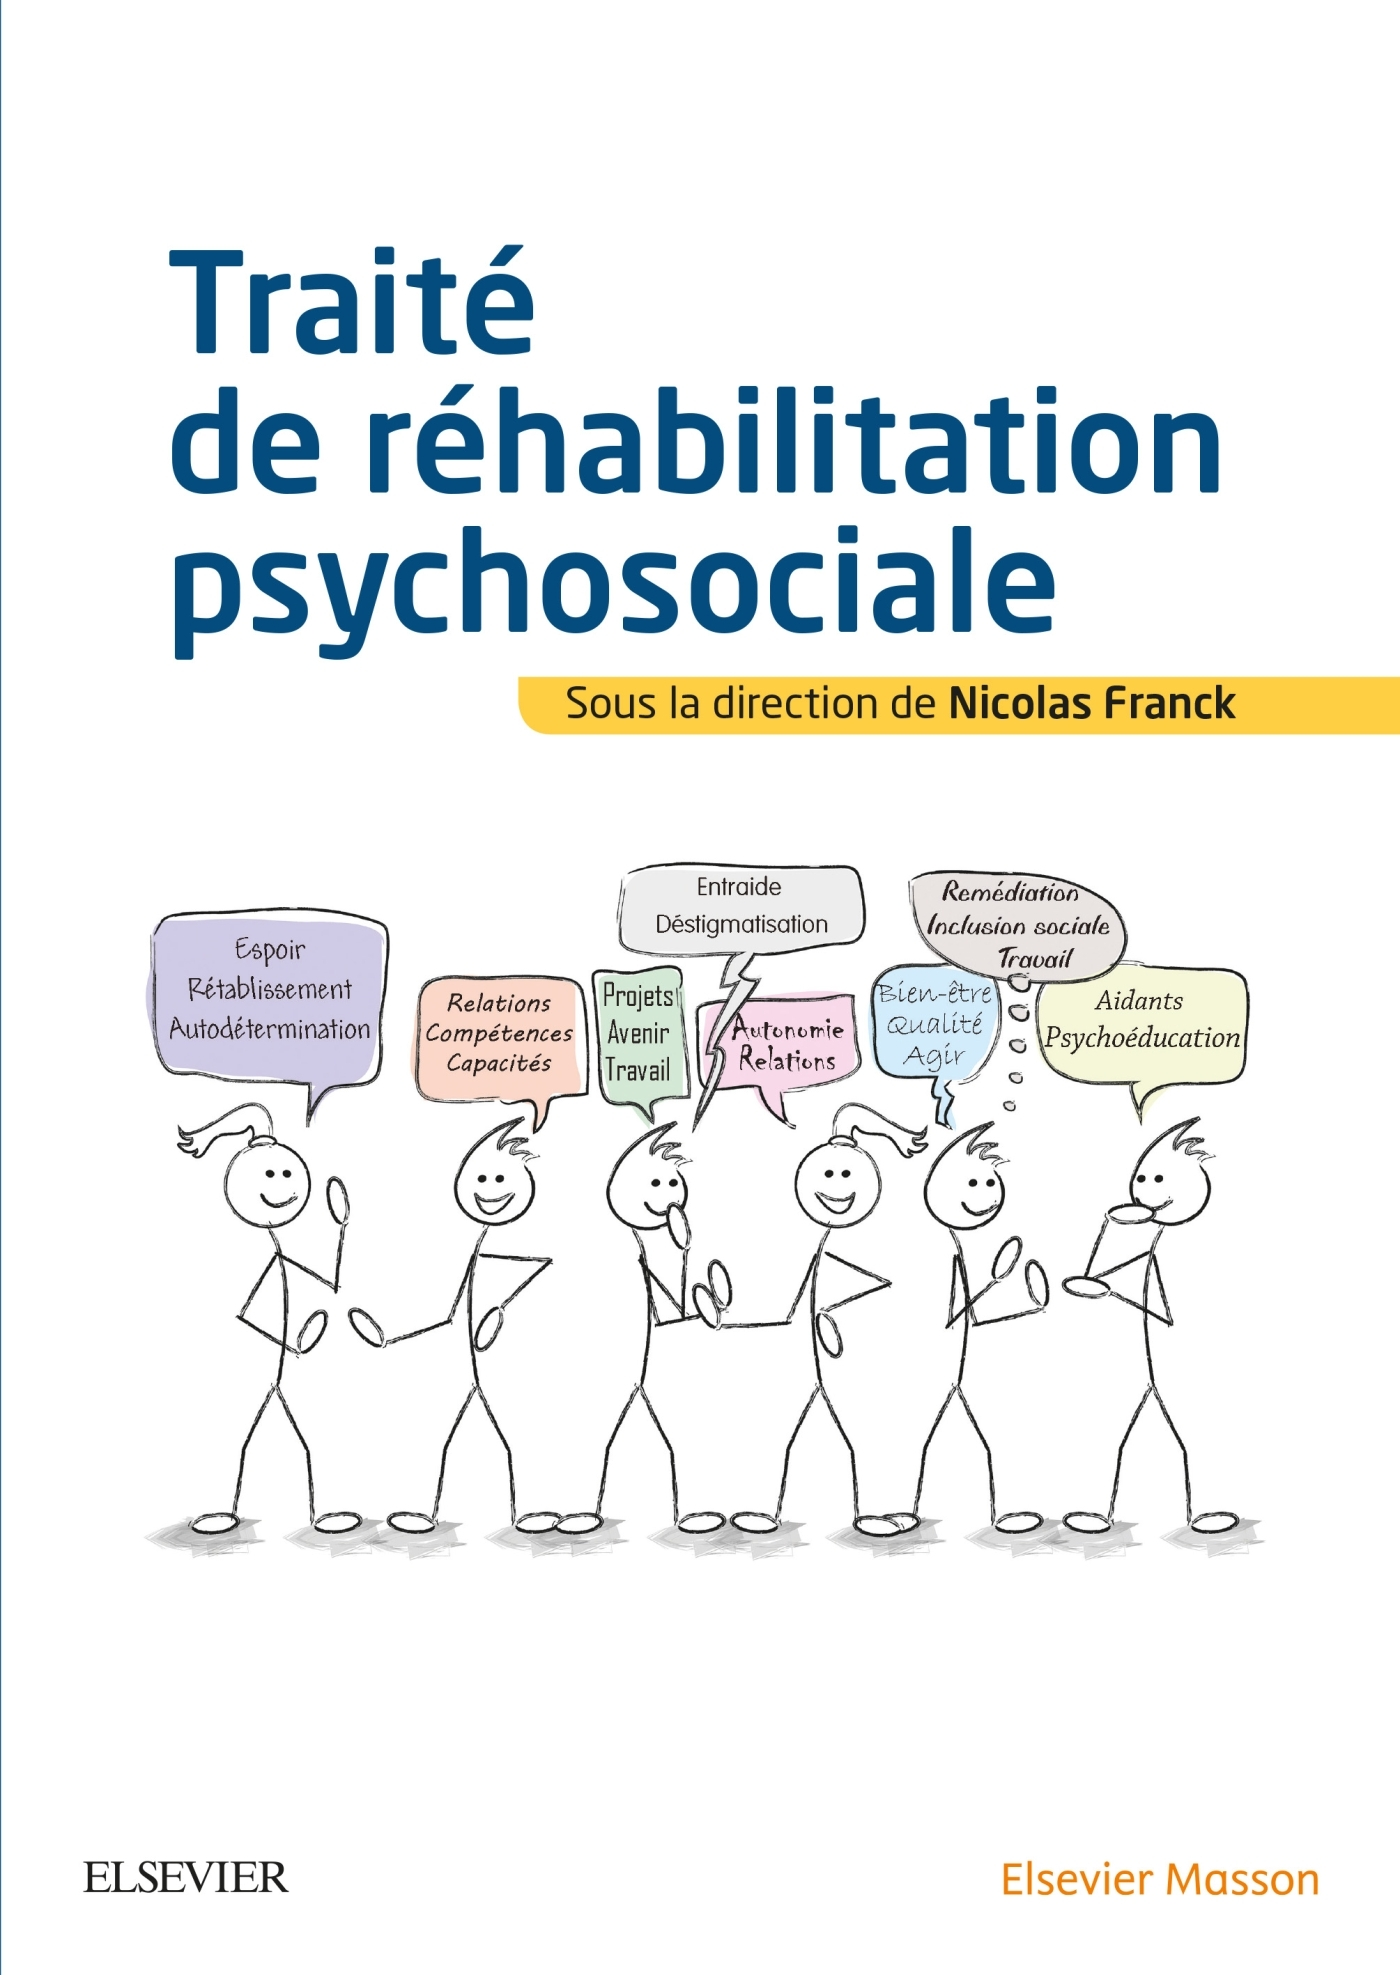 TRAITE DE REHABILITATION PSYCHOSOCIALE